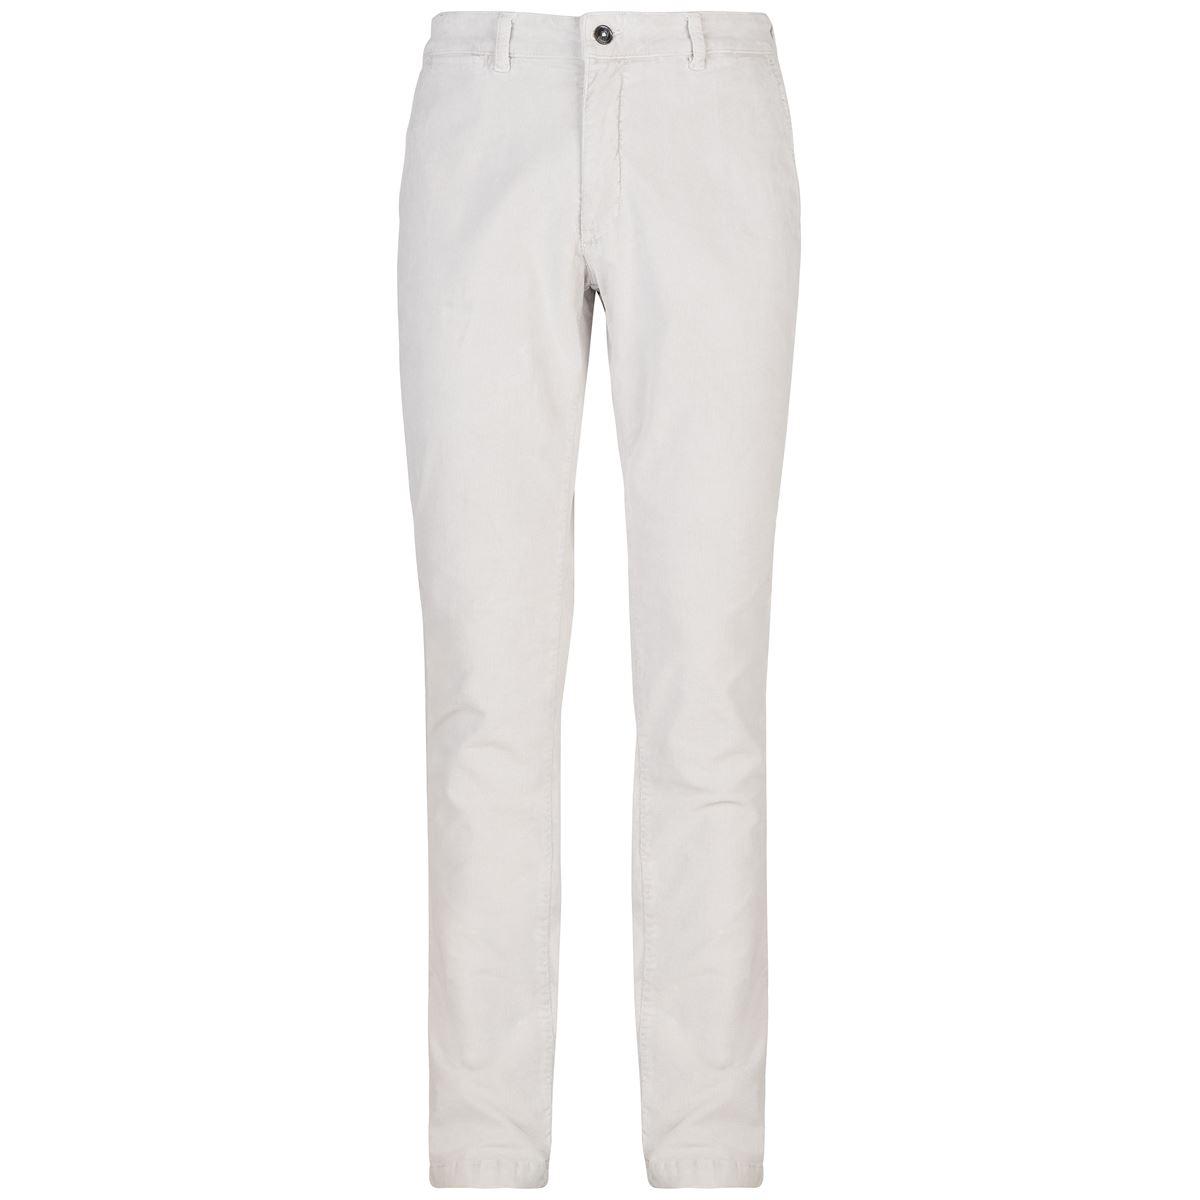 Robe di Kappa Pantaloni uomo-601NKF0